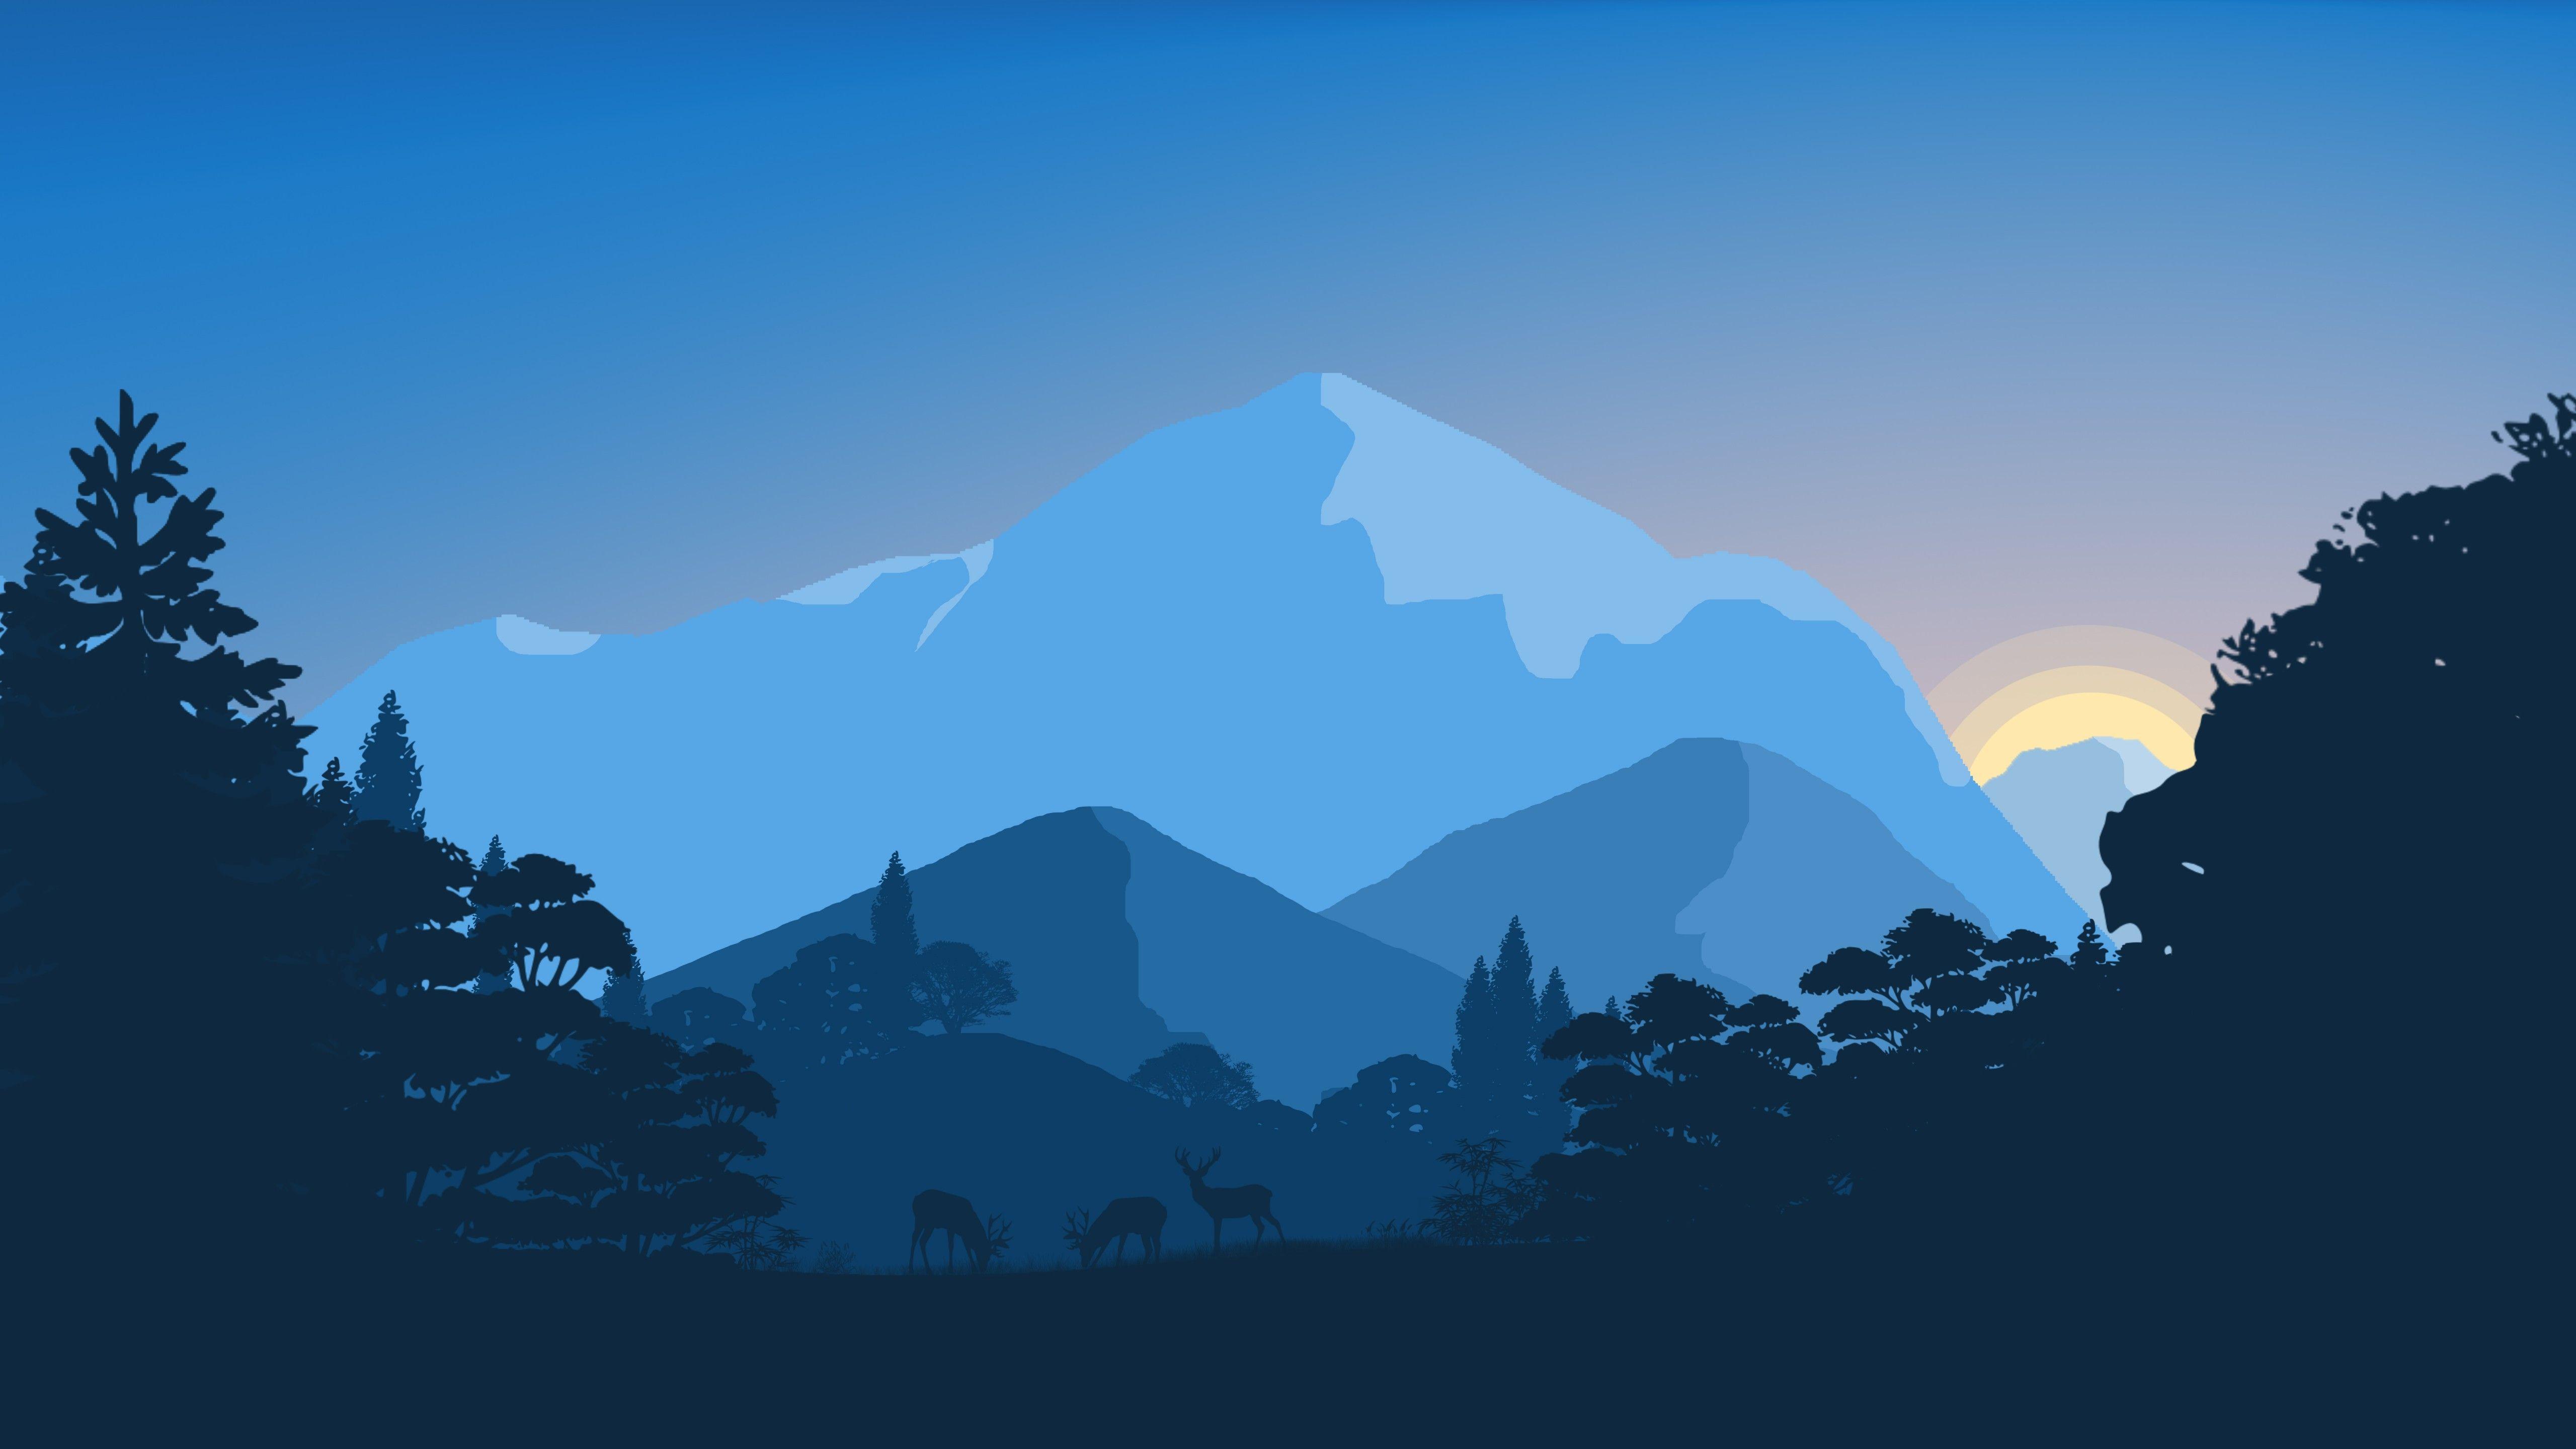 4K Minimalist Wallpapers - Top Free 4K Minimalist ...